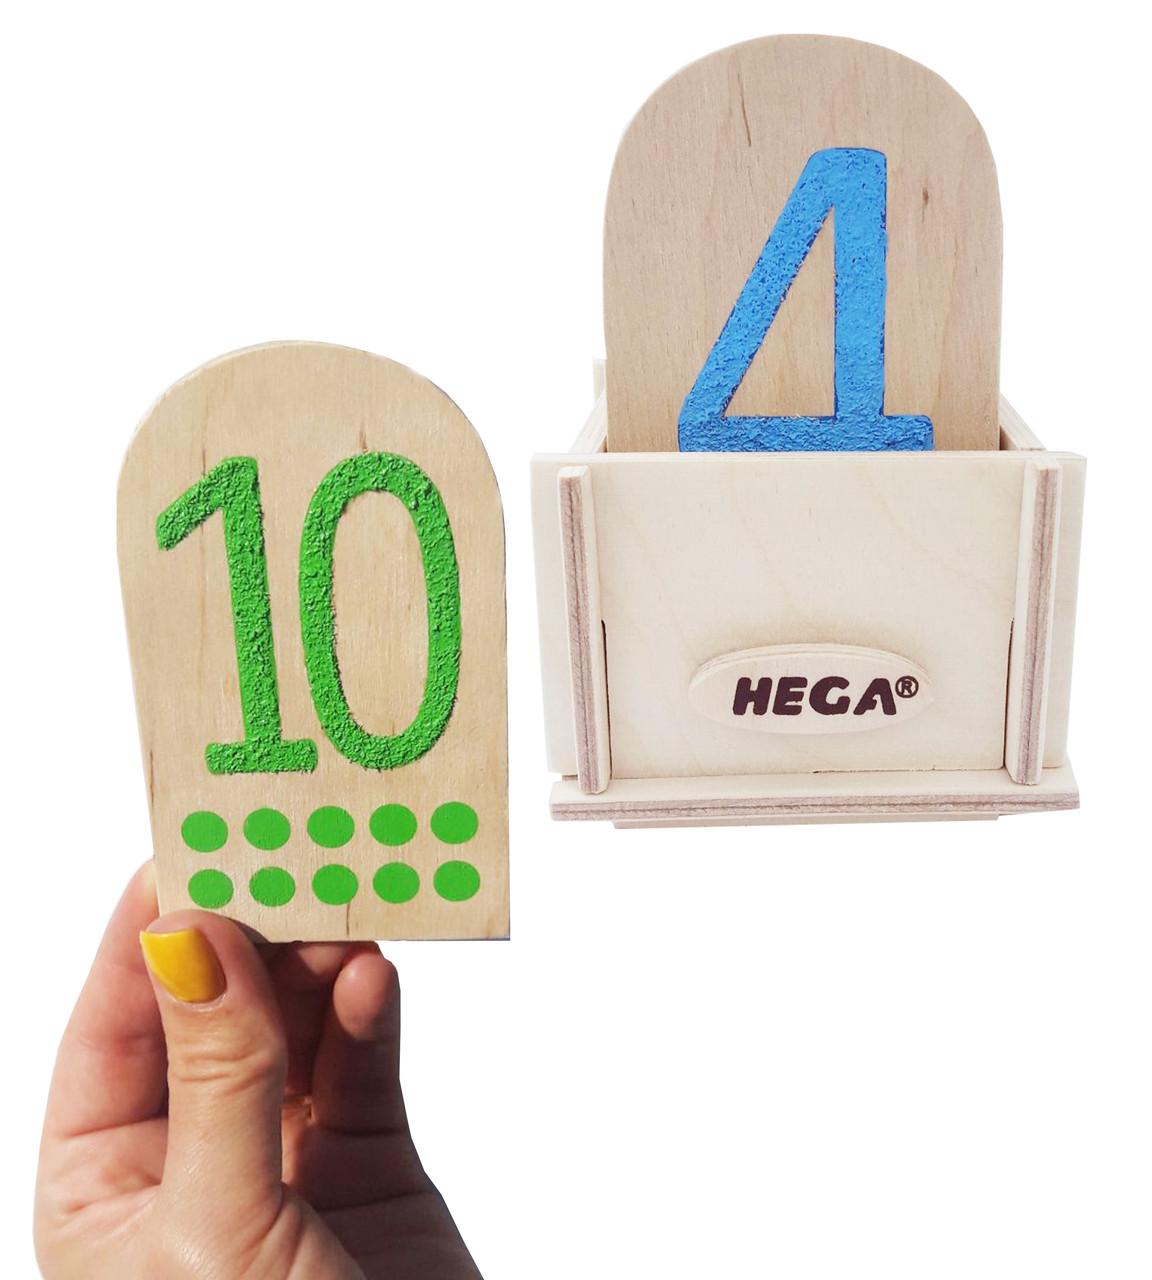 Сенсорний набір Hega  Цифри та Крапки  за методикою Монтессорі №2 (226)